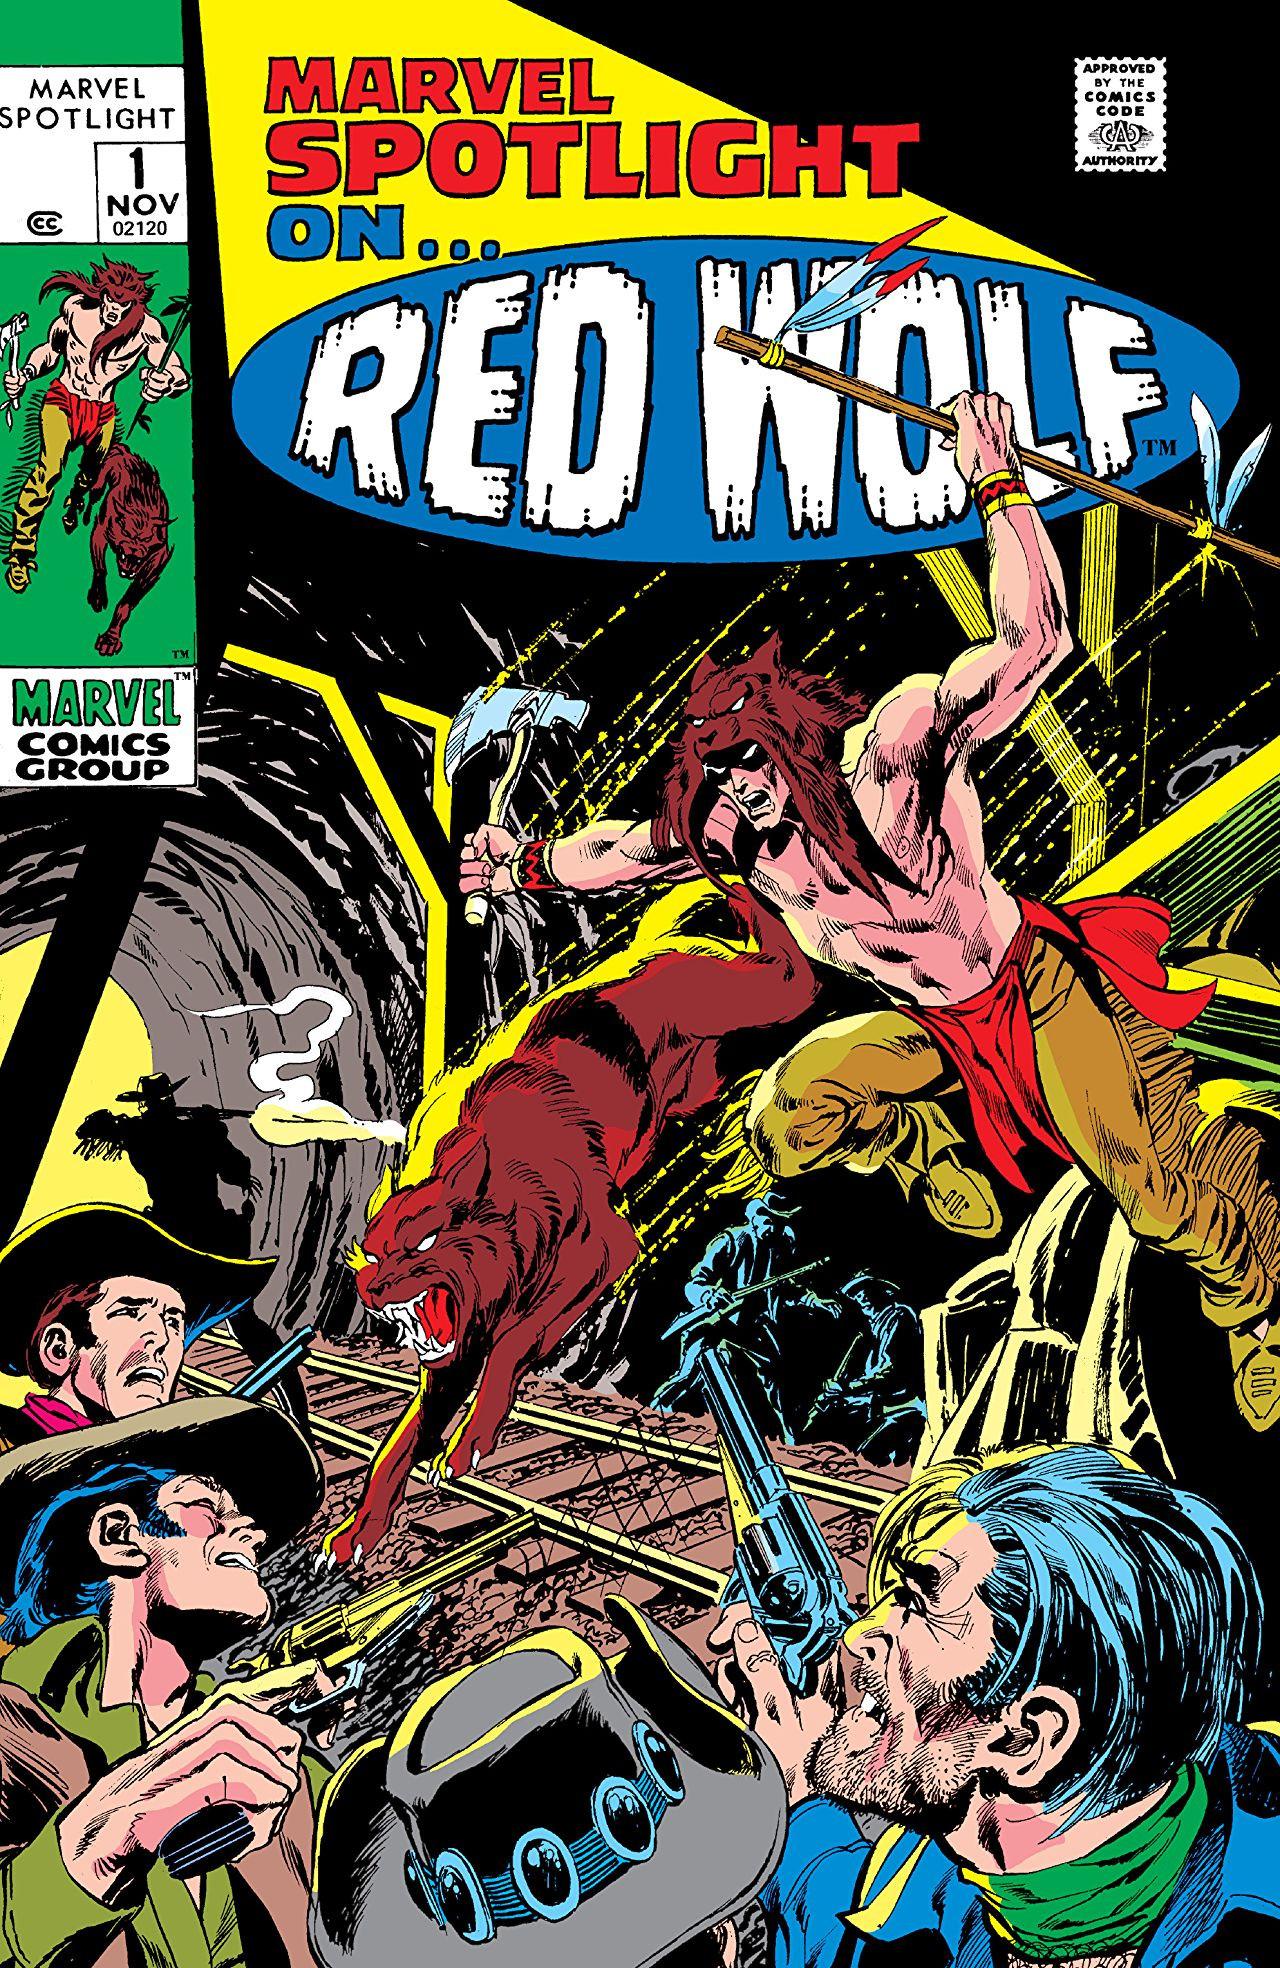 Marvel Spotlight Vol 1